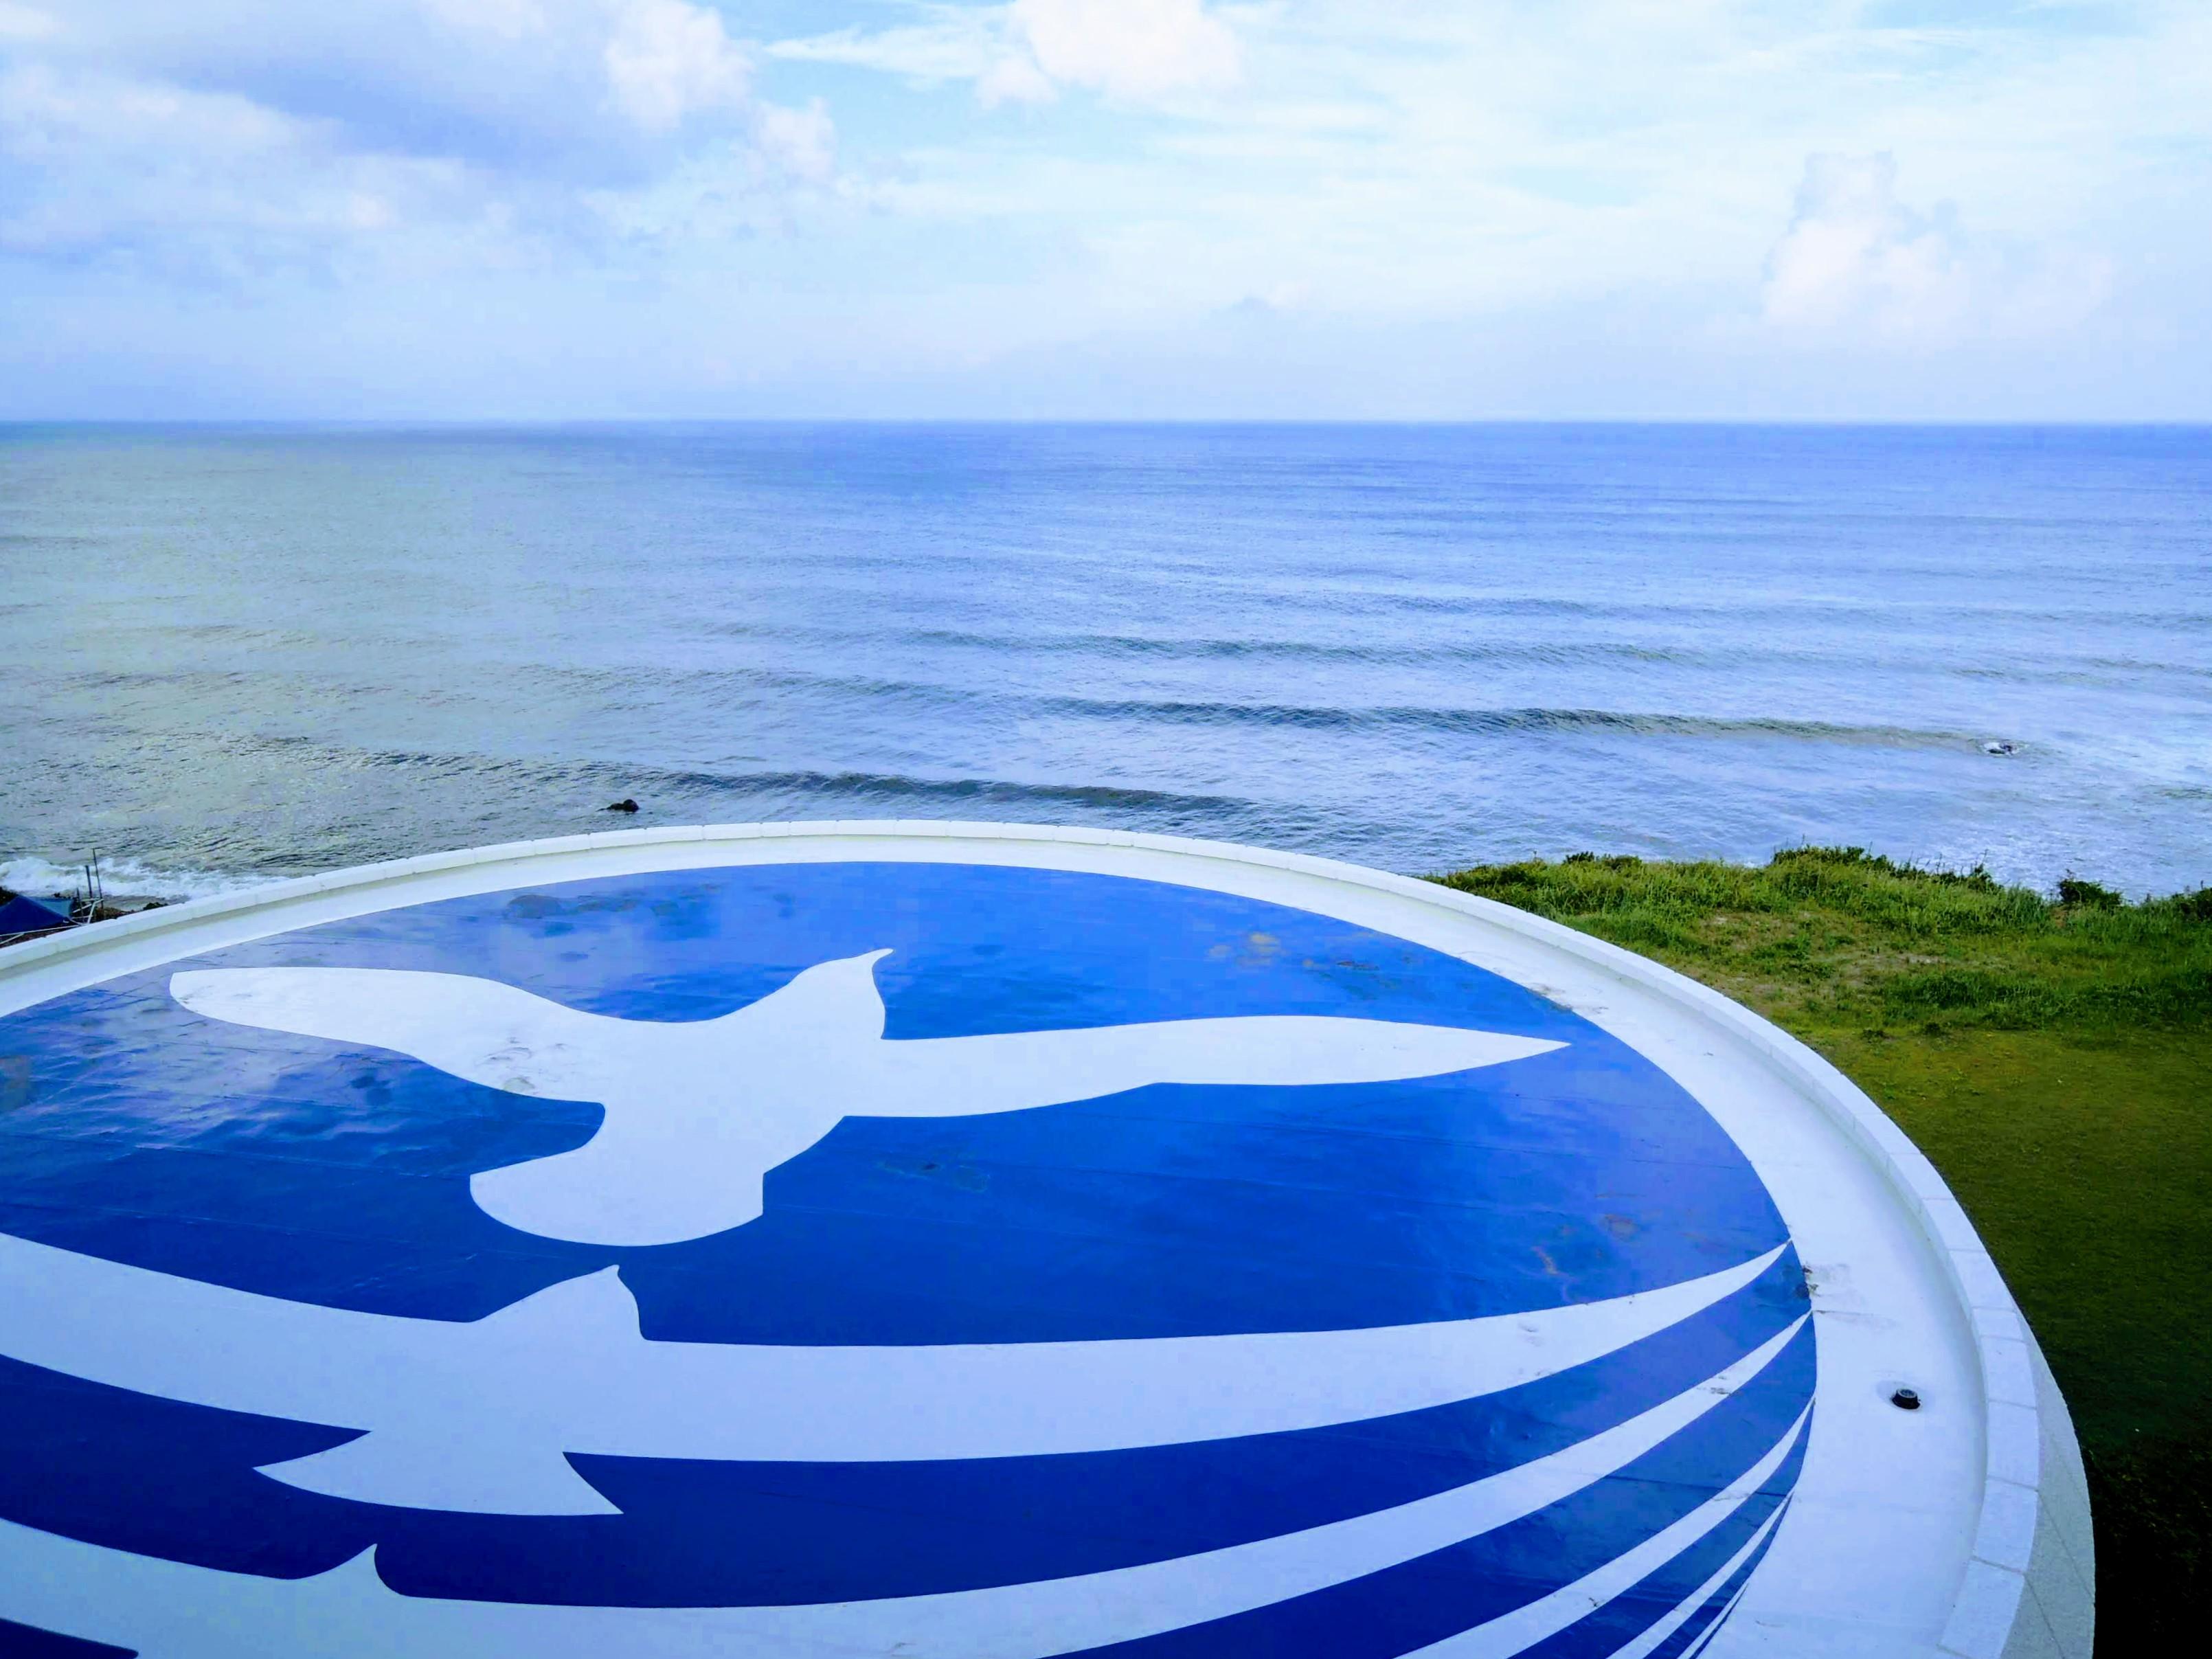 宿泊ホテルから海を望む